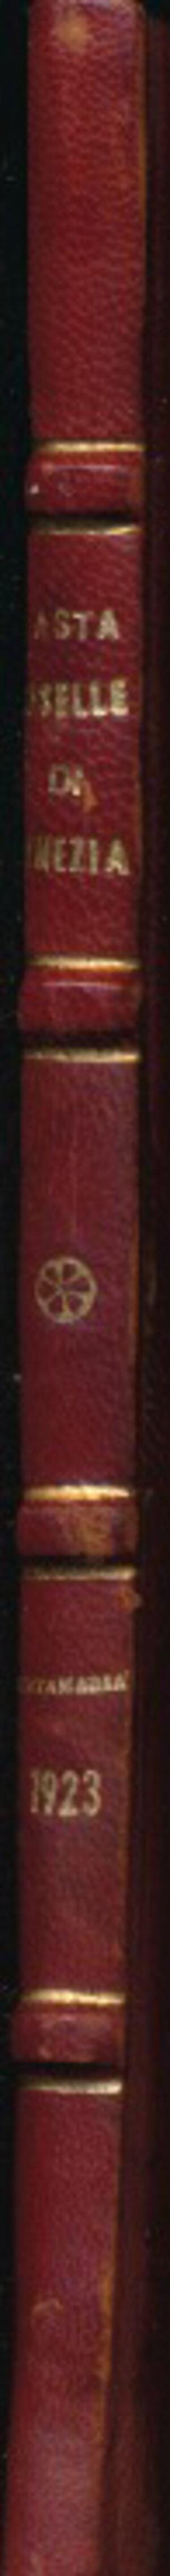 obverse: SANTAMARIA P.&P. - Asta 14 giugno 1923 Roma. Raccolta di un distinto collezionista. Oselle d oro e multipli di ducati veneziani, Pp. 23 + 9 tavole in b/n. Rilegatura rigida con dorso e angoli in pelle e piatto marmoreo. Buono stato.